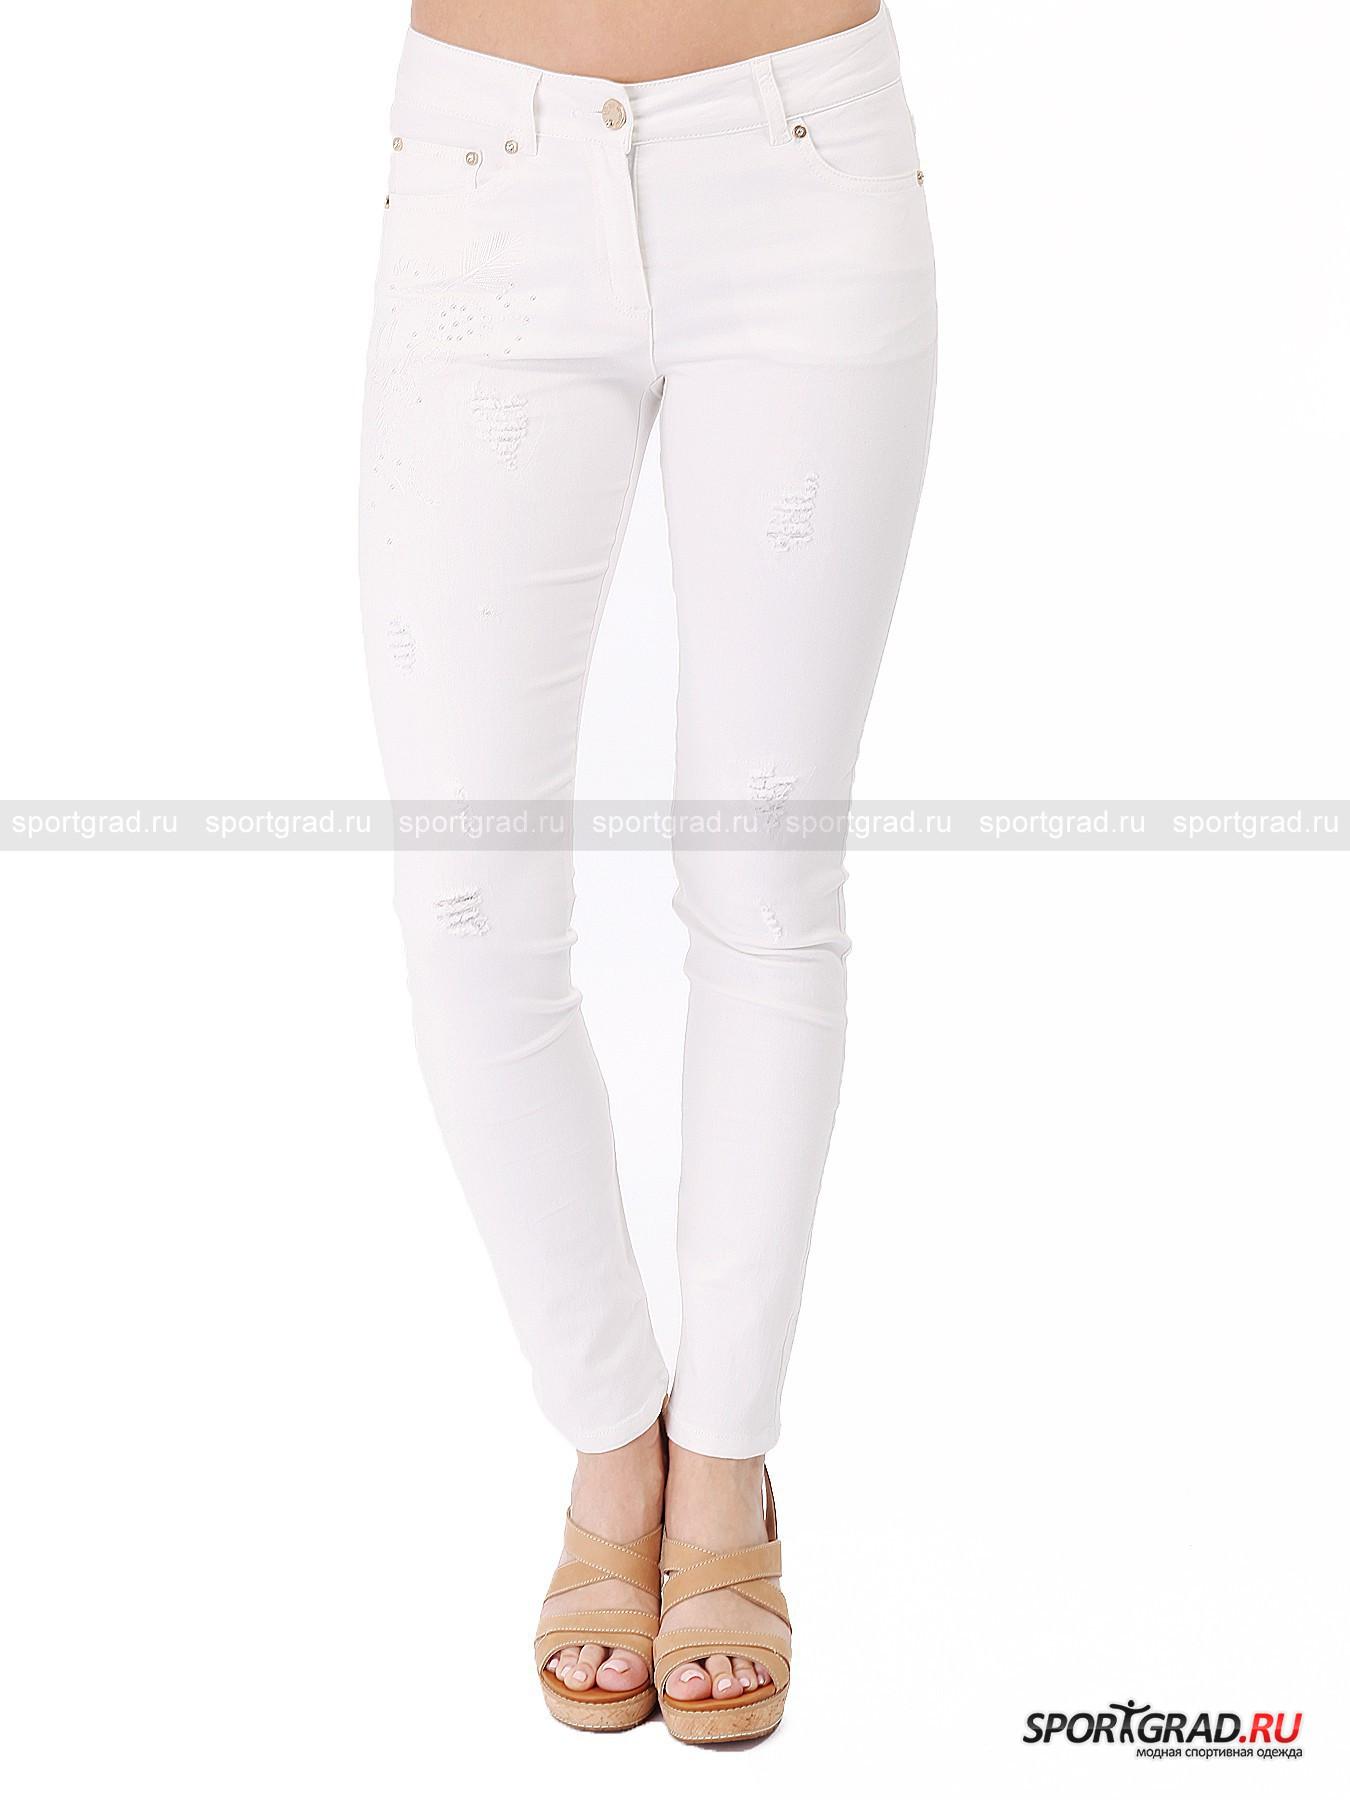 Брюки женские Lorenza SPORTALMБрюки<br>Белоснежные брюки Lorenza Sportalm- отличный вариант для лета. Белый цвет сейчас на пике моды, и к тому же оставляет простор для фантазии, позволяя сочетать с такими штанами практически любой «верх». Ткань брюк довольно тонкая  и очень эластичная, они превосходно сидят, подчеркивая все достоинства фигуры. Декоративные элменты, такие как вышивка, аппликация объемными белыми стразами и «художественные» потертости и дырки, придают вещи налет стильной небрежности и делают ее еще более интересной.<br><br>Особенности модели:<br>- застежка-молния и пуговица;<br>- пять карманов;<br>- петли для ремня;<br>- кокетка на пояснице;<br>- декоративные «кнопки» около карманов, украшенные стразами;<br>- зауженный крой.<br><br>Пол: Женский<br>Возраст: Взрослый<br>Тип: Брюки<br>Рекомендации по уходу: стирка в теплой воде до 30 С; не отбеливать; гладить слегка нагретым утюгом (температура до 110 C); химчистка запрещена; можно сушить в стиральной машине при низкой температуре<br>Состав: 65% хлопок, 33% полиэстер, 2% эластан